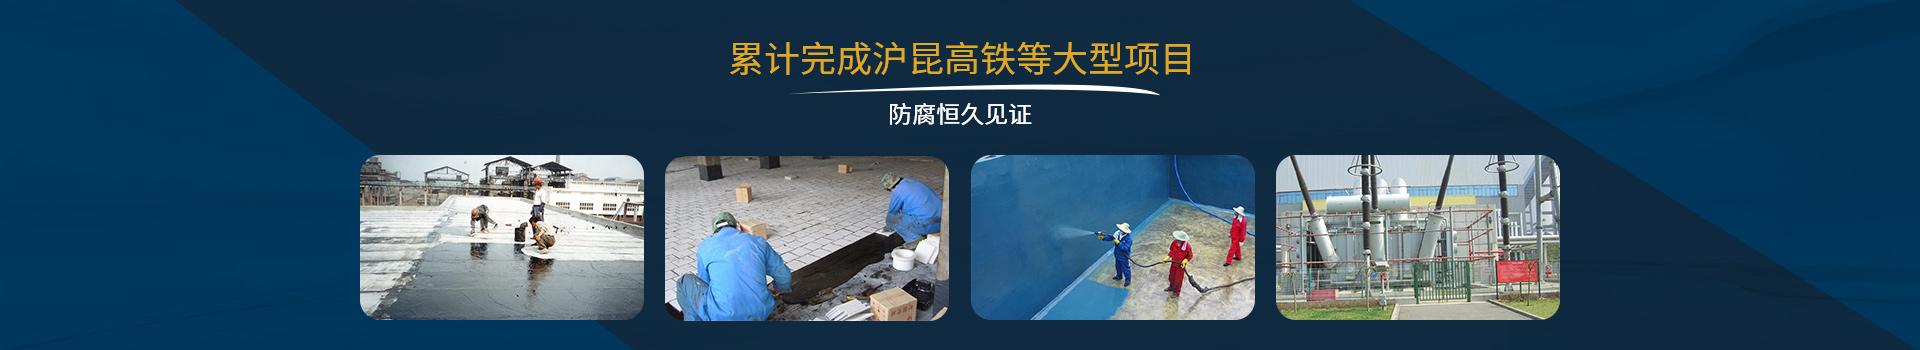 天路凯得丽累计完成沪昆高铁等大型项目